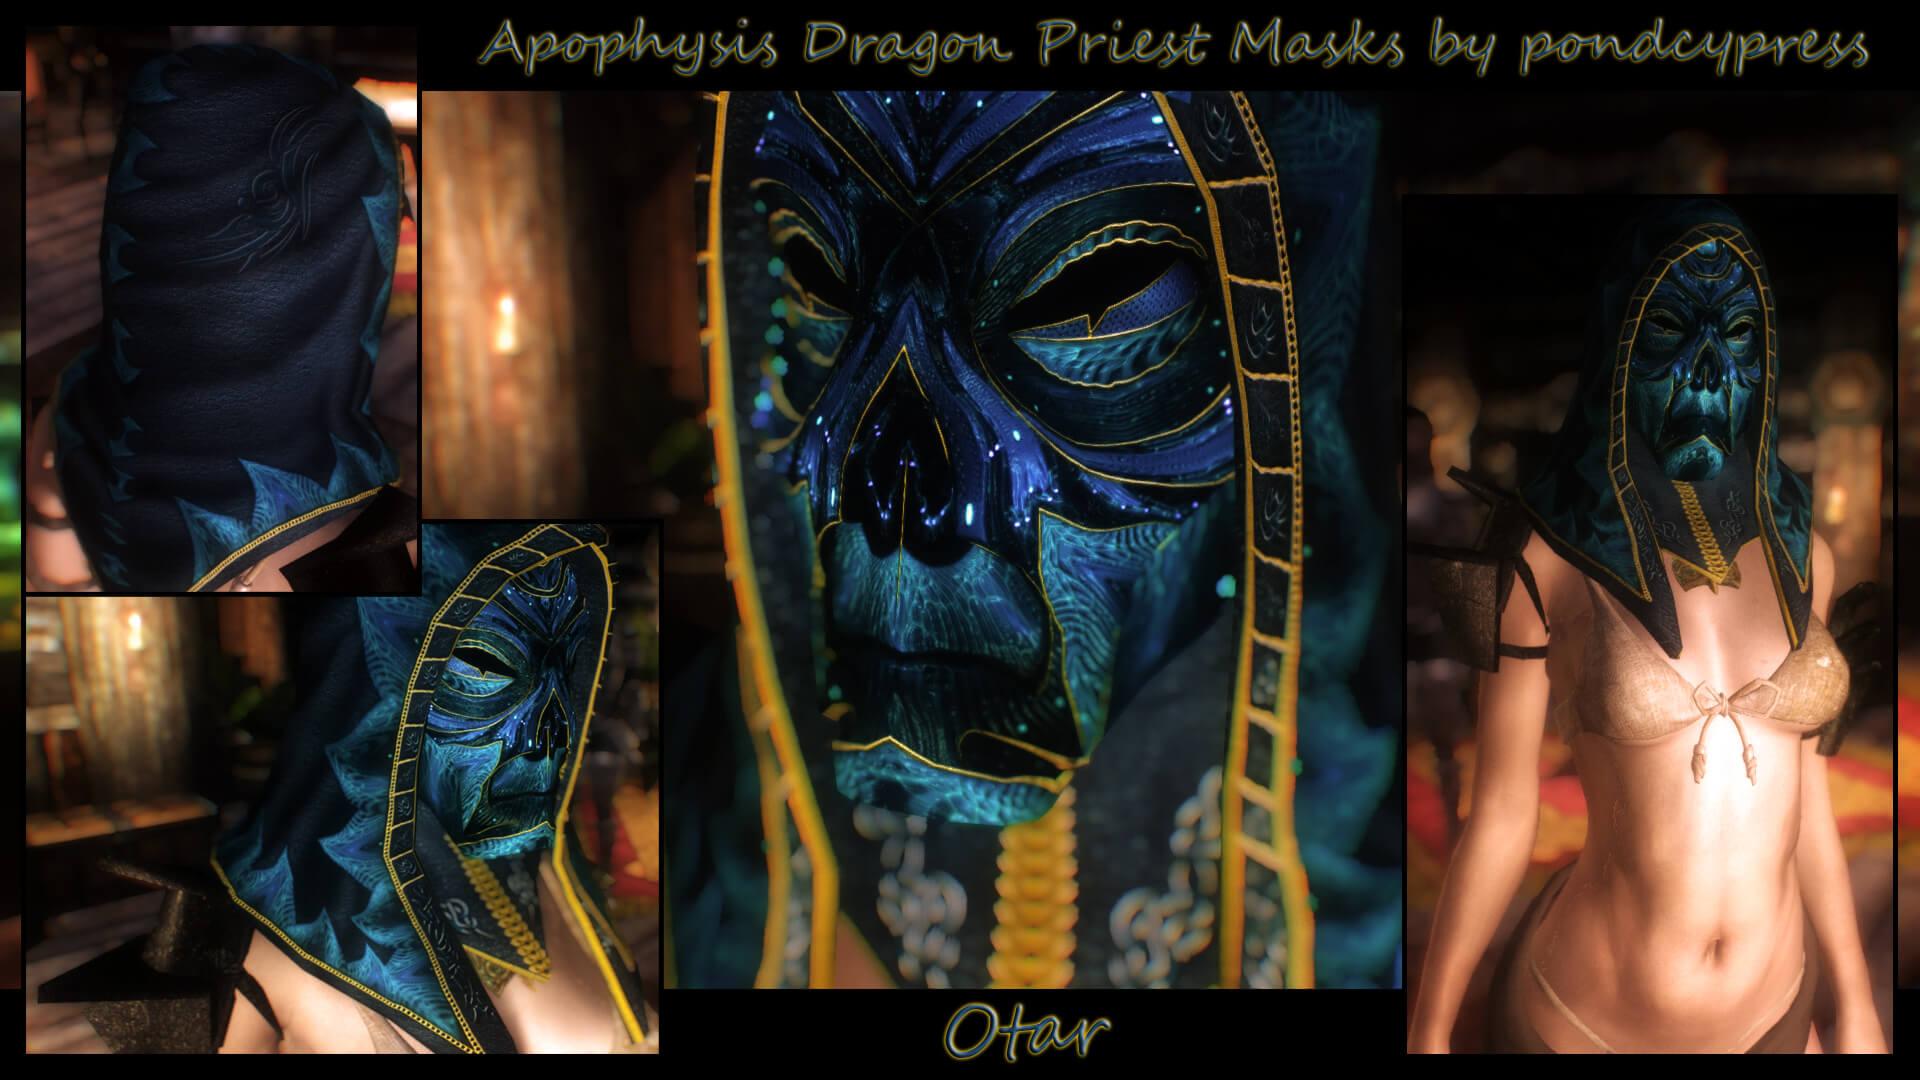 Masques des prêtres-dragons d'Apophysis - La Confrérie des